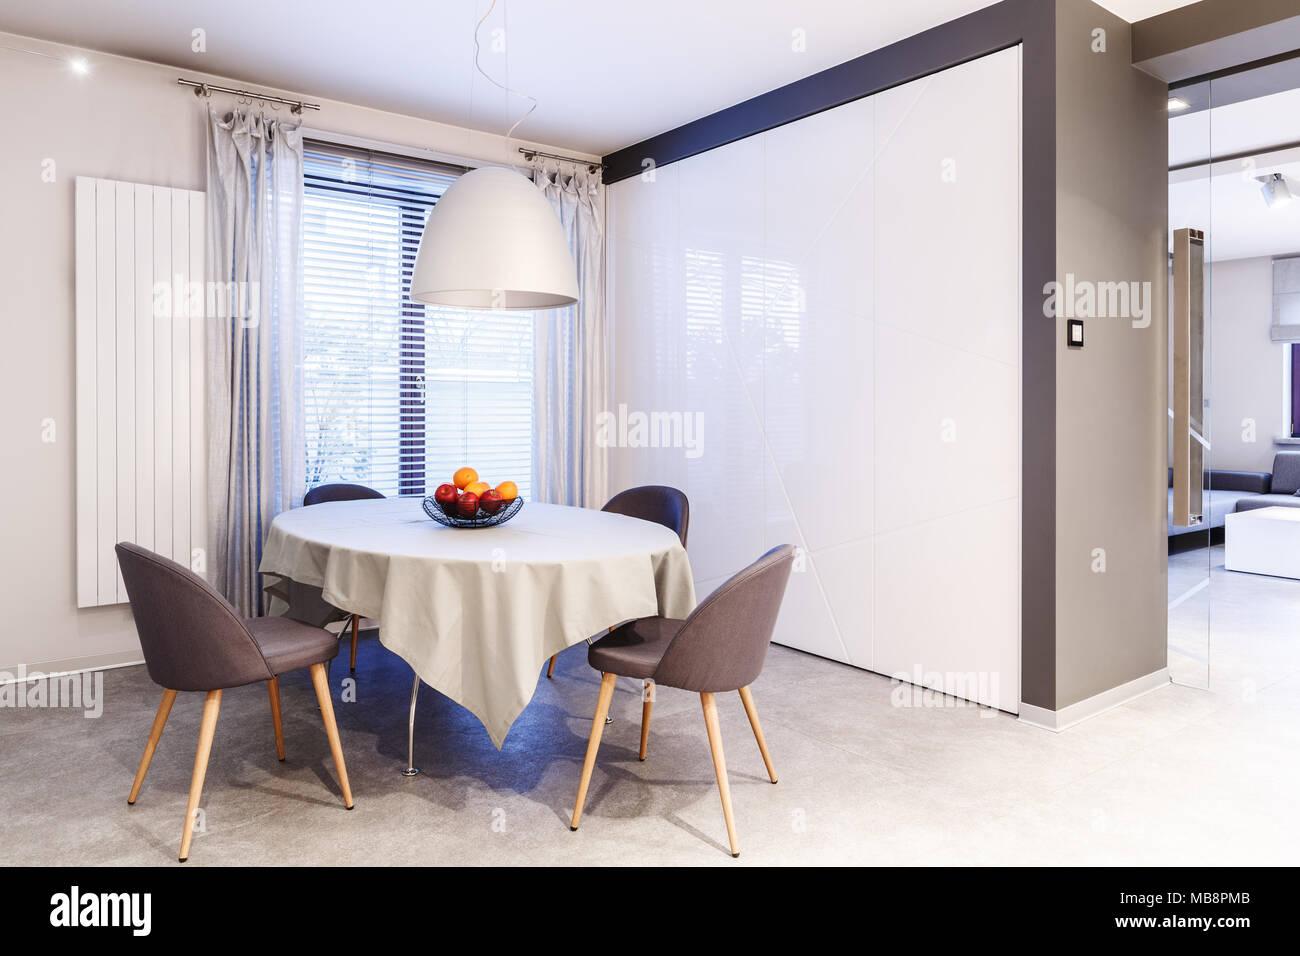 Tavolo Bianco E Sedie Marroni.Semplici Spaziose Bianco E Marrone Di Sala Da Pranzo